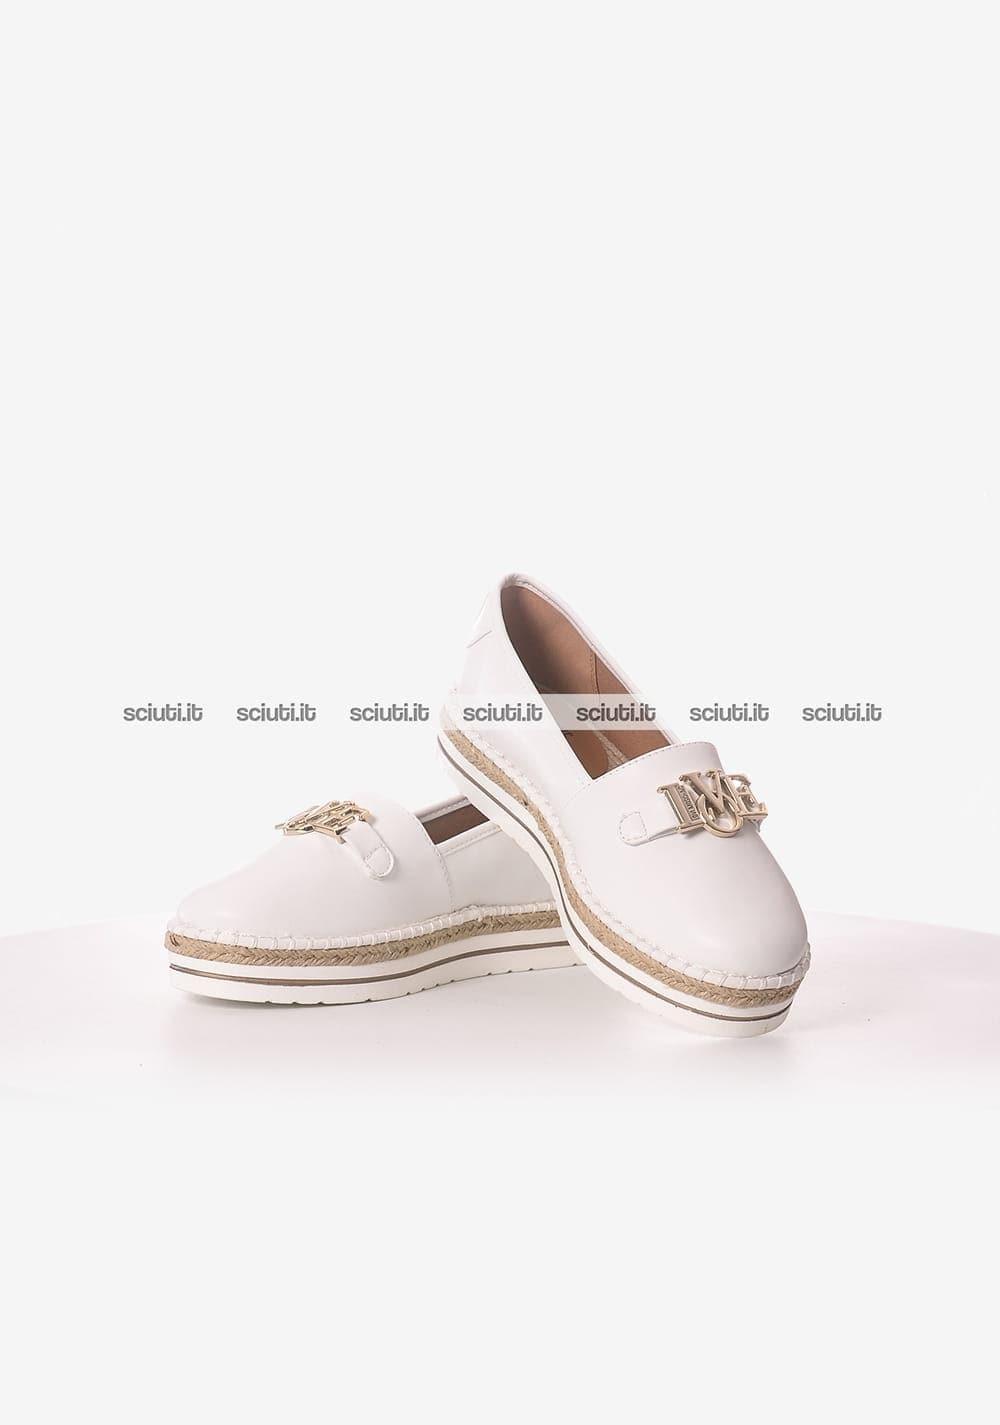 outlet store 183ec fc328 Scarpe Love Moschino donna mocassino bianco | Sciuti.it